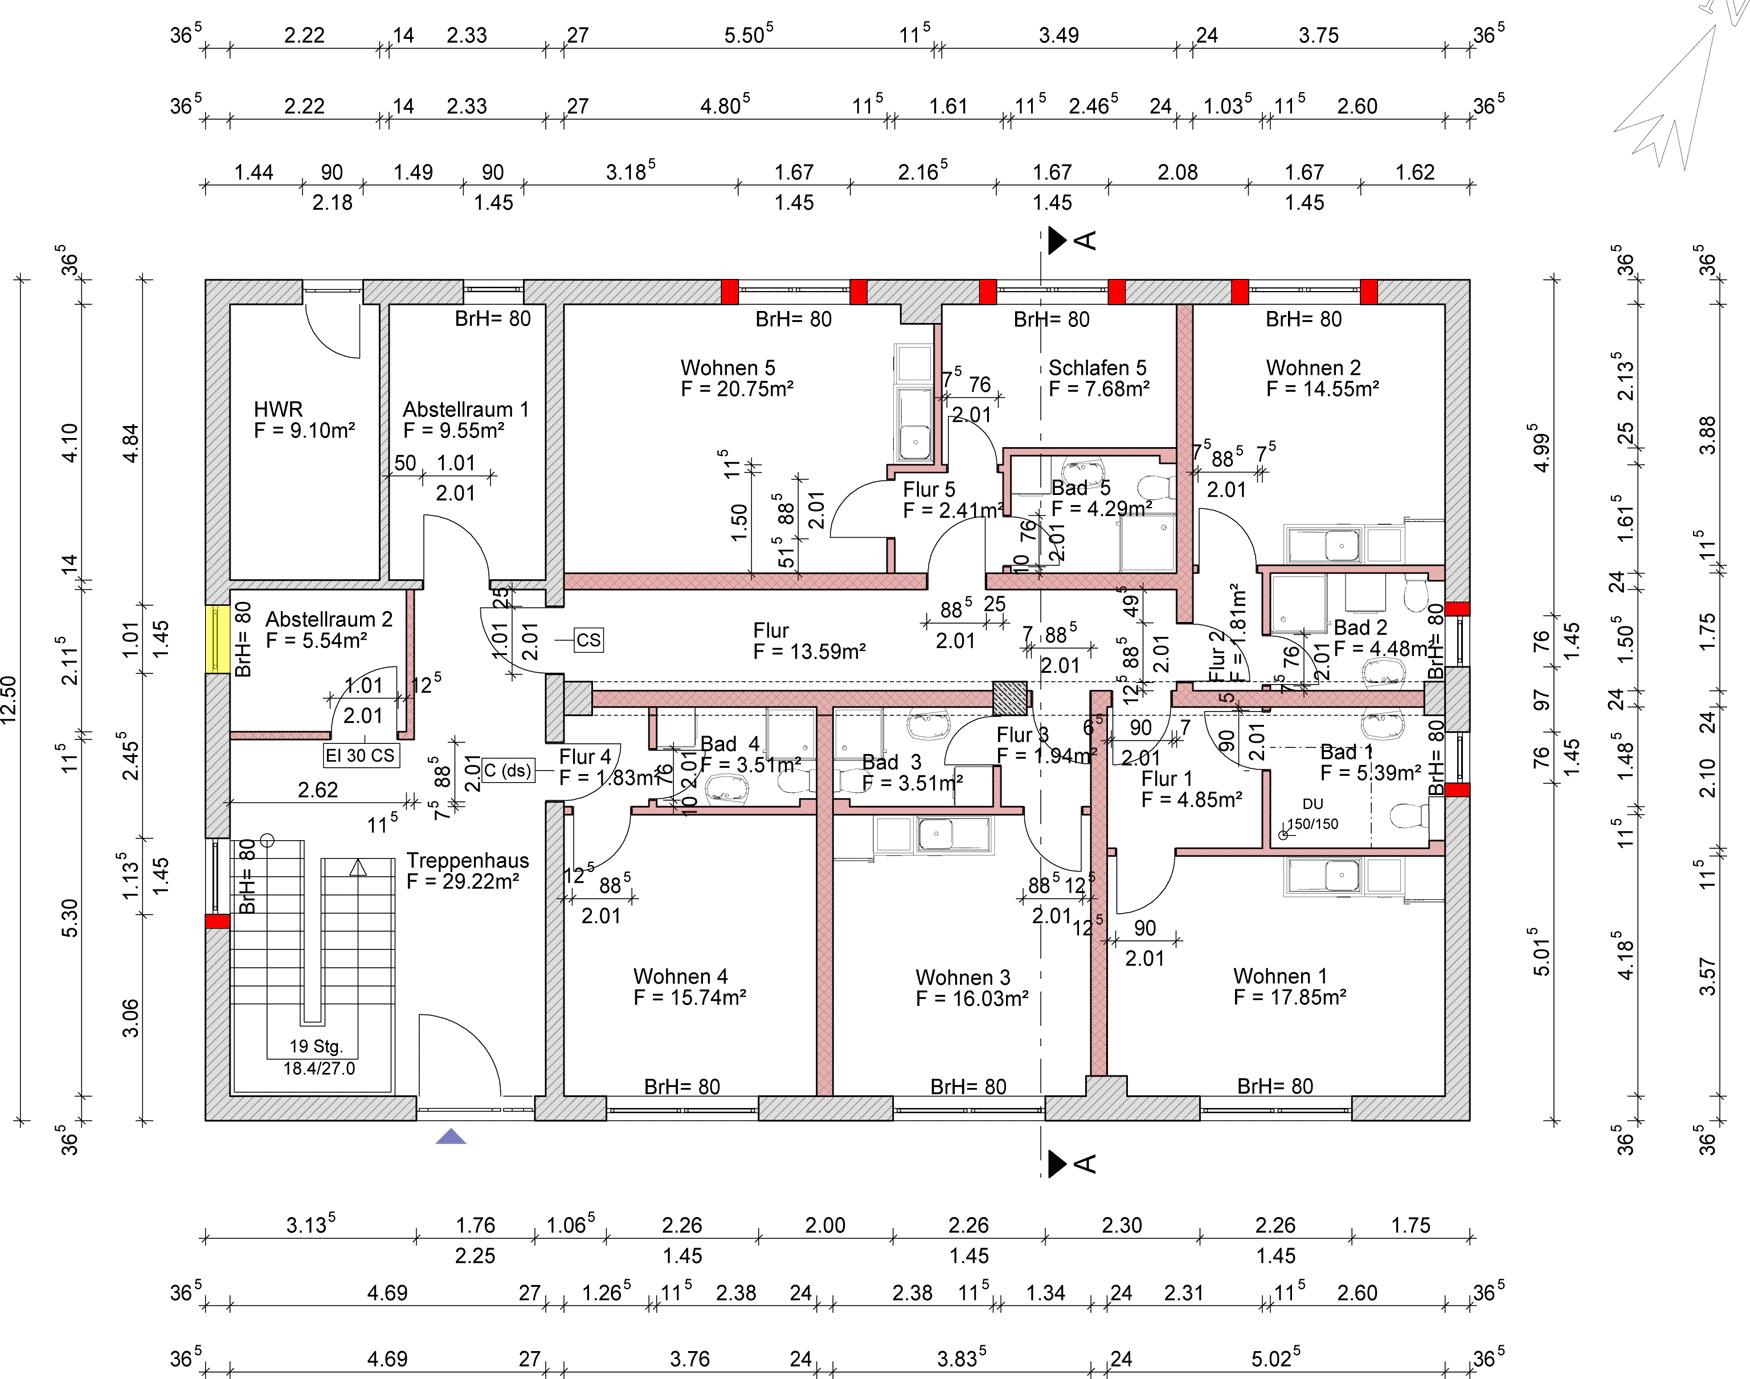 Treppenhaus Planen treppenhaus grundriss mehrfamilienhaus loopele com